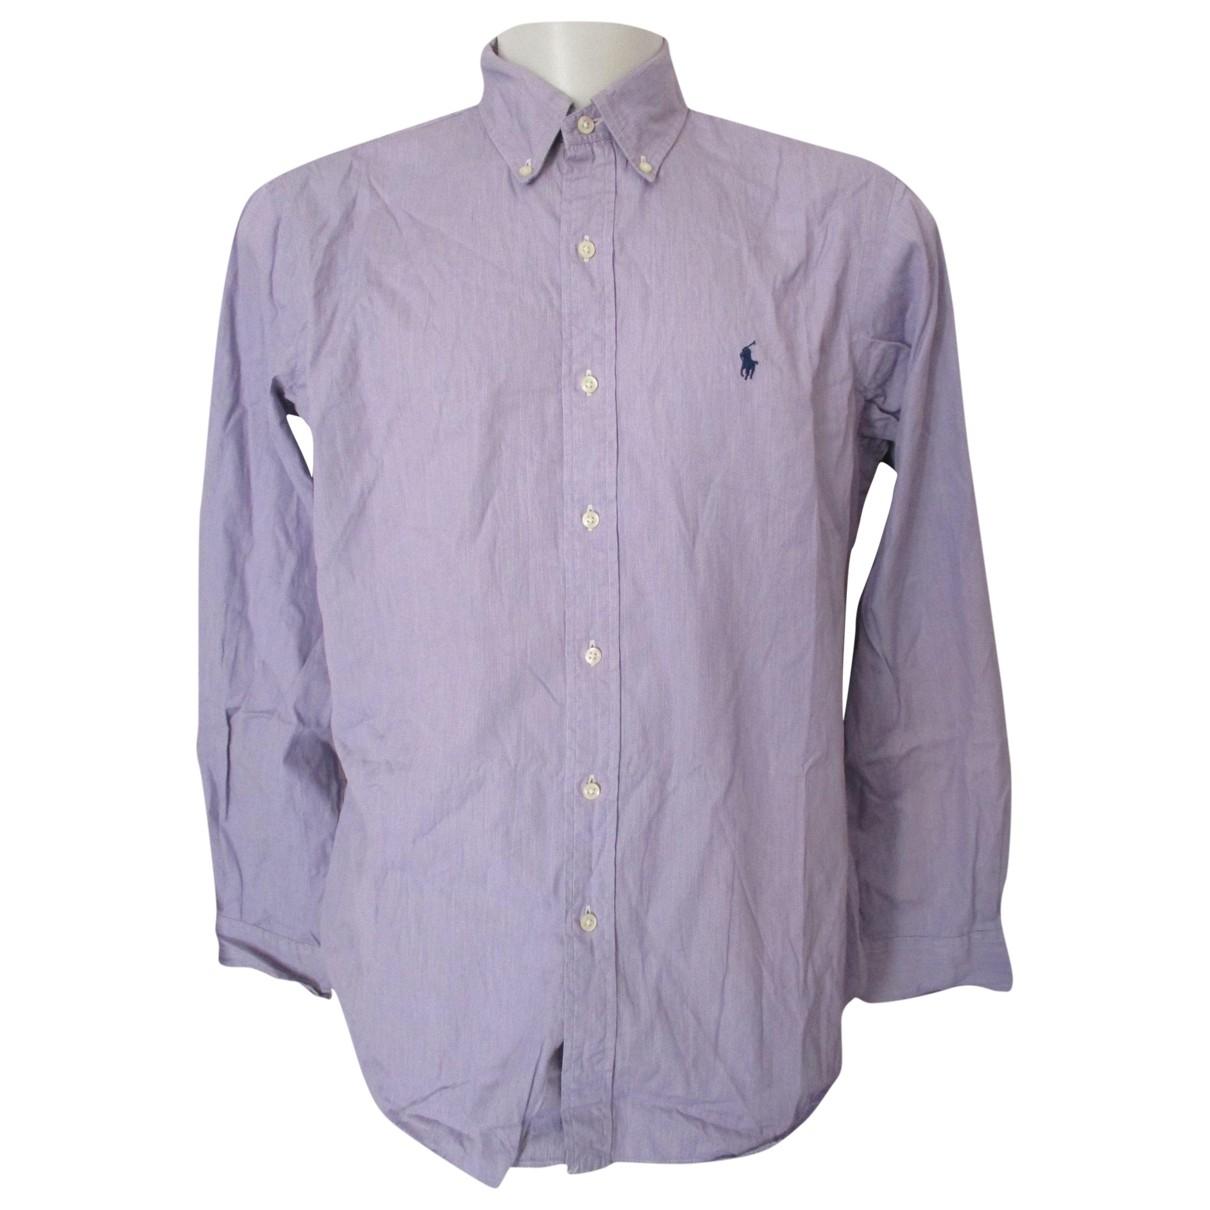 Ralph Lauren \N Purple Cotton Shirts for Men 16.5 UK - US (tour de cou / collar)